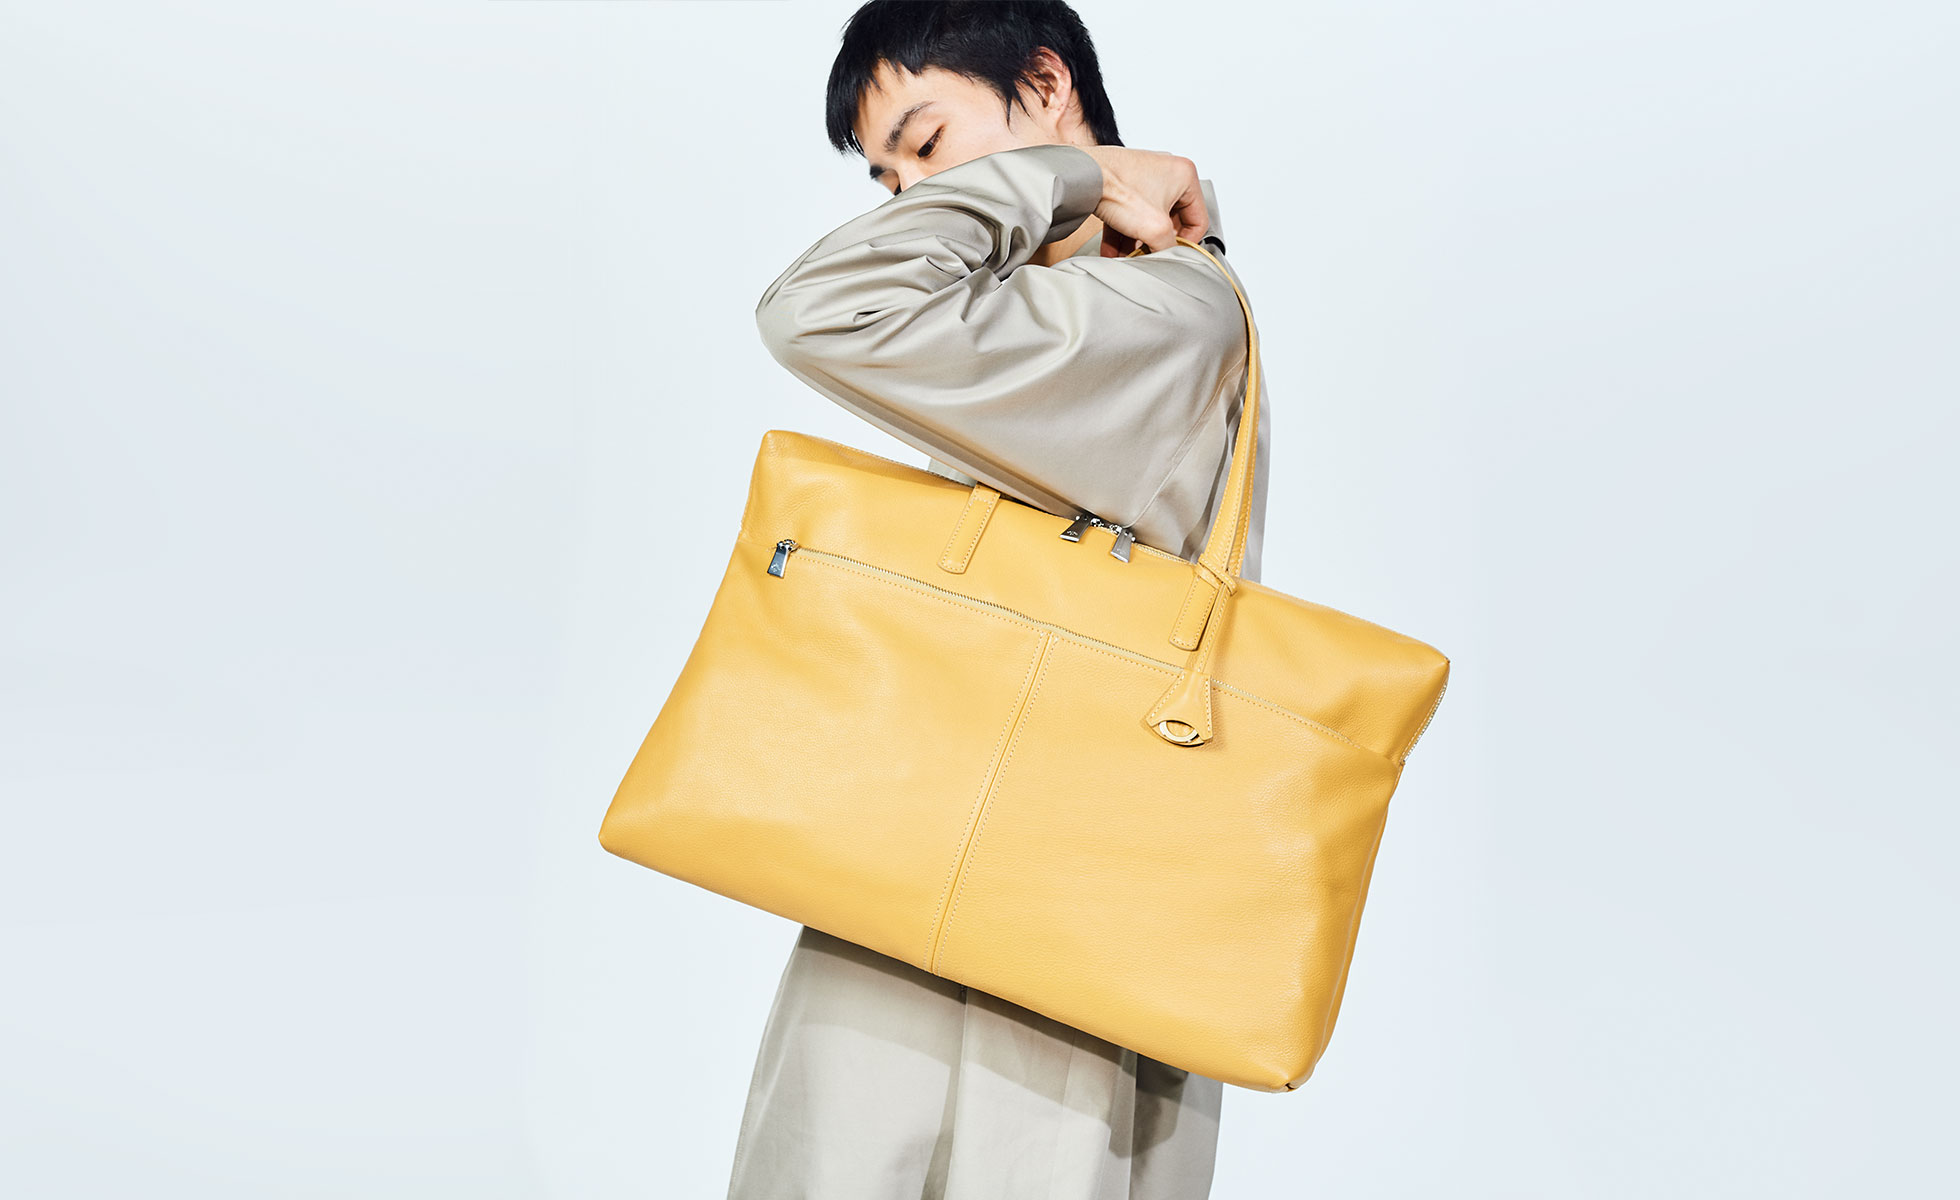 高い機能性とモダンなデザインが魅力のバッグブランドaniary(アニアリ)